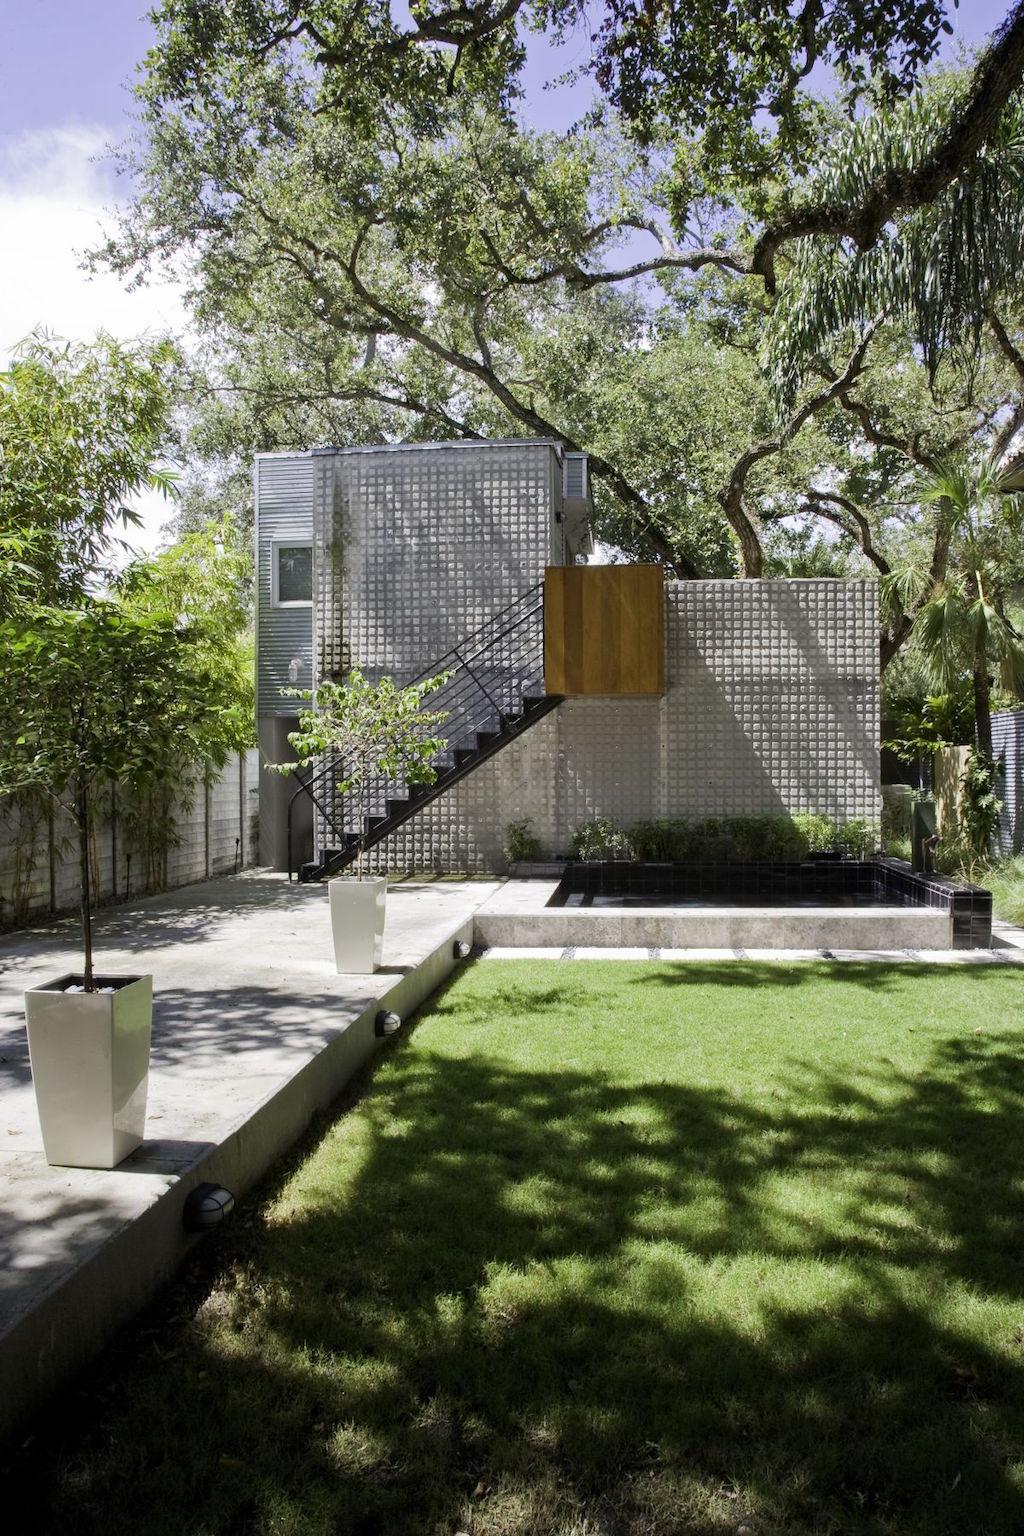 casa-grove-mateu-architecture-2